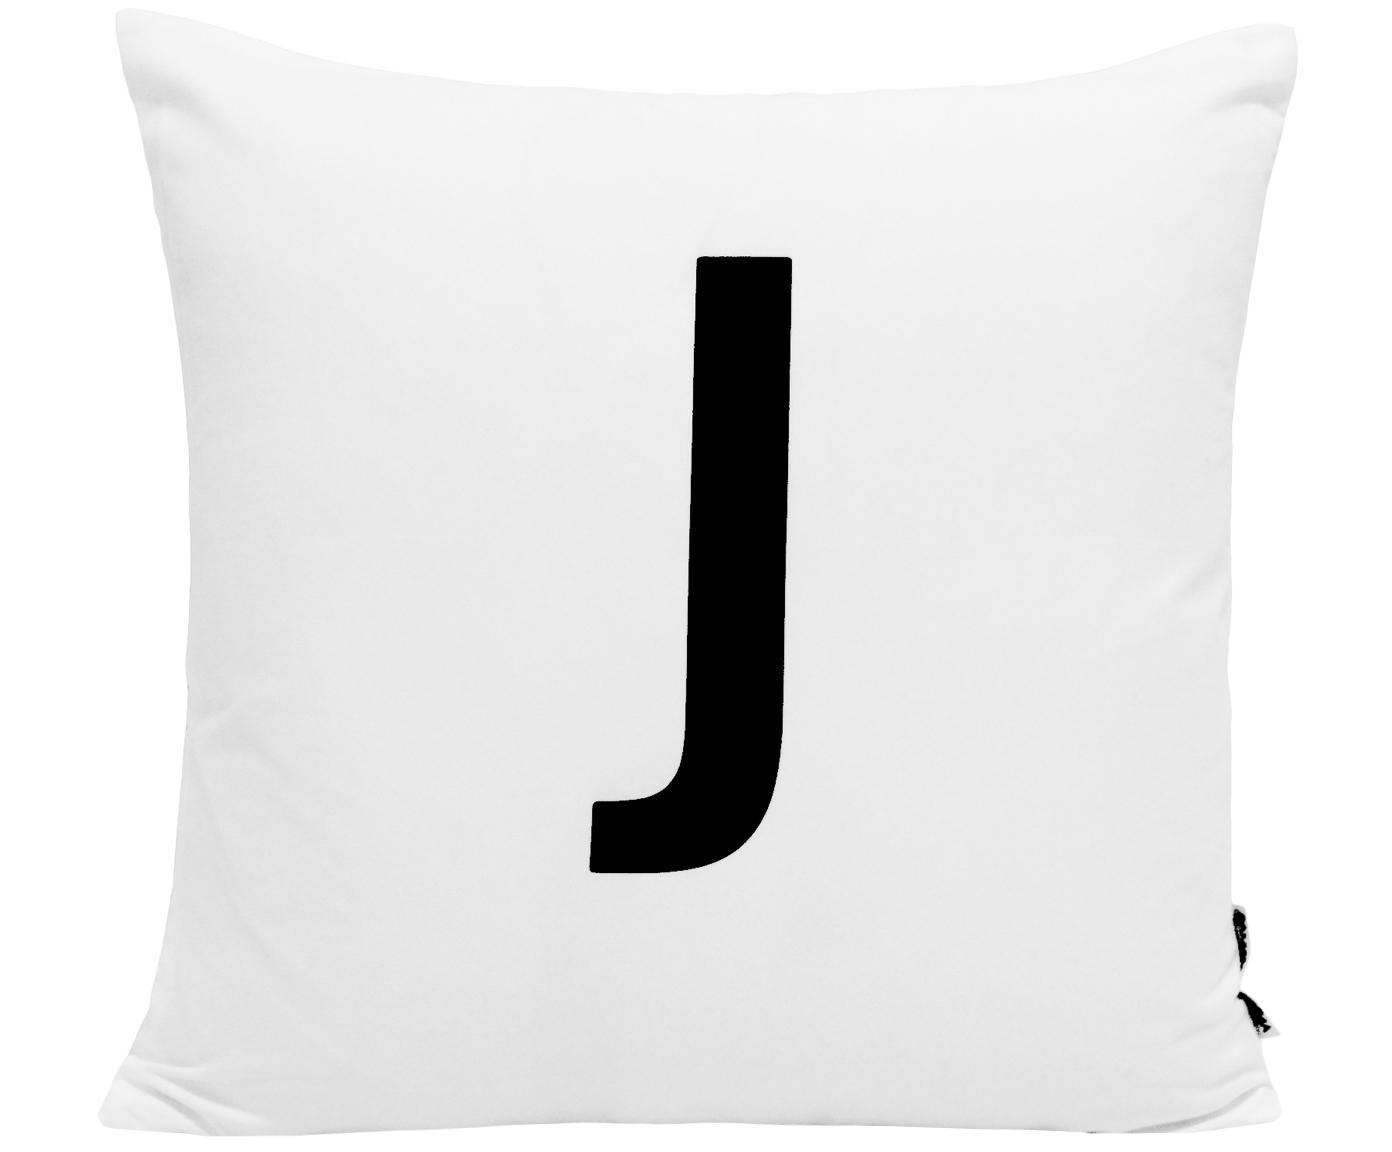 Federa arredo Alphabet (varianti dalla A alla Z), Poliestere, Nero, bianco, Federa arredo J